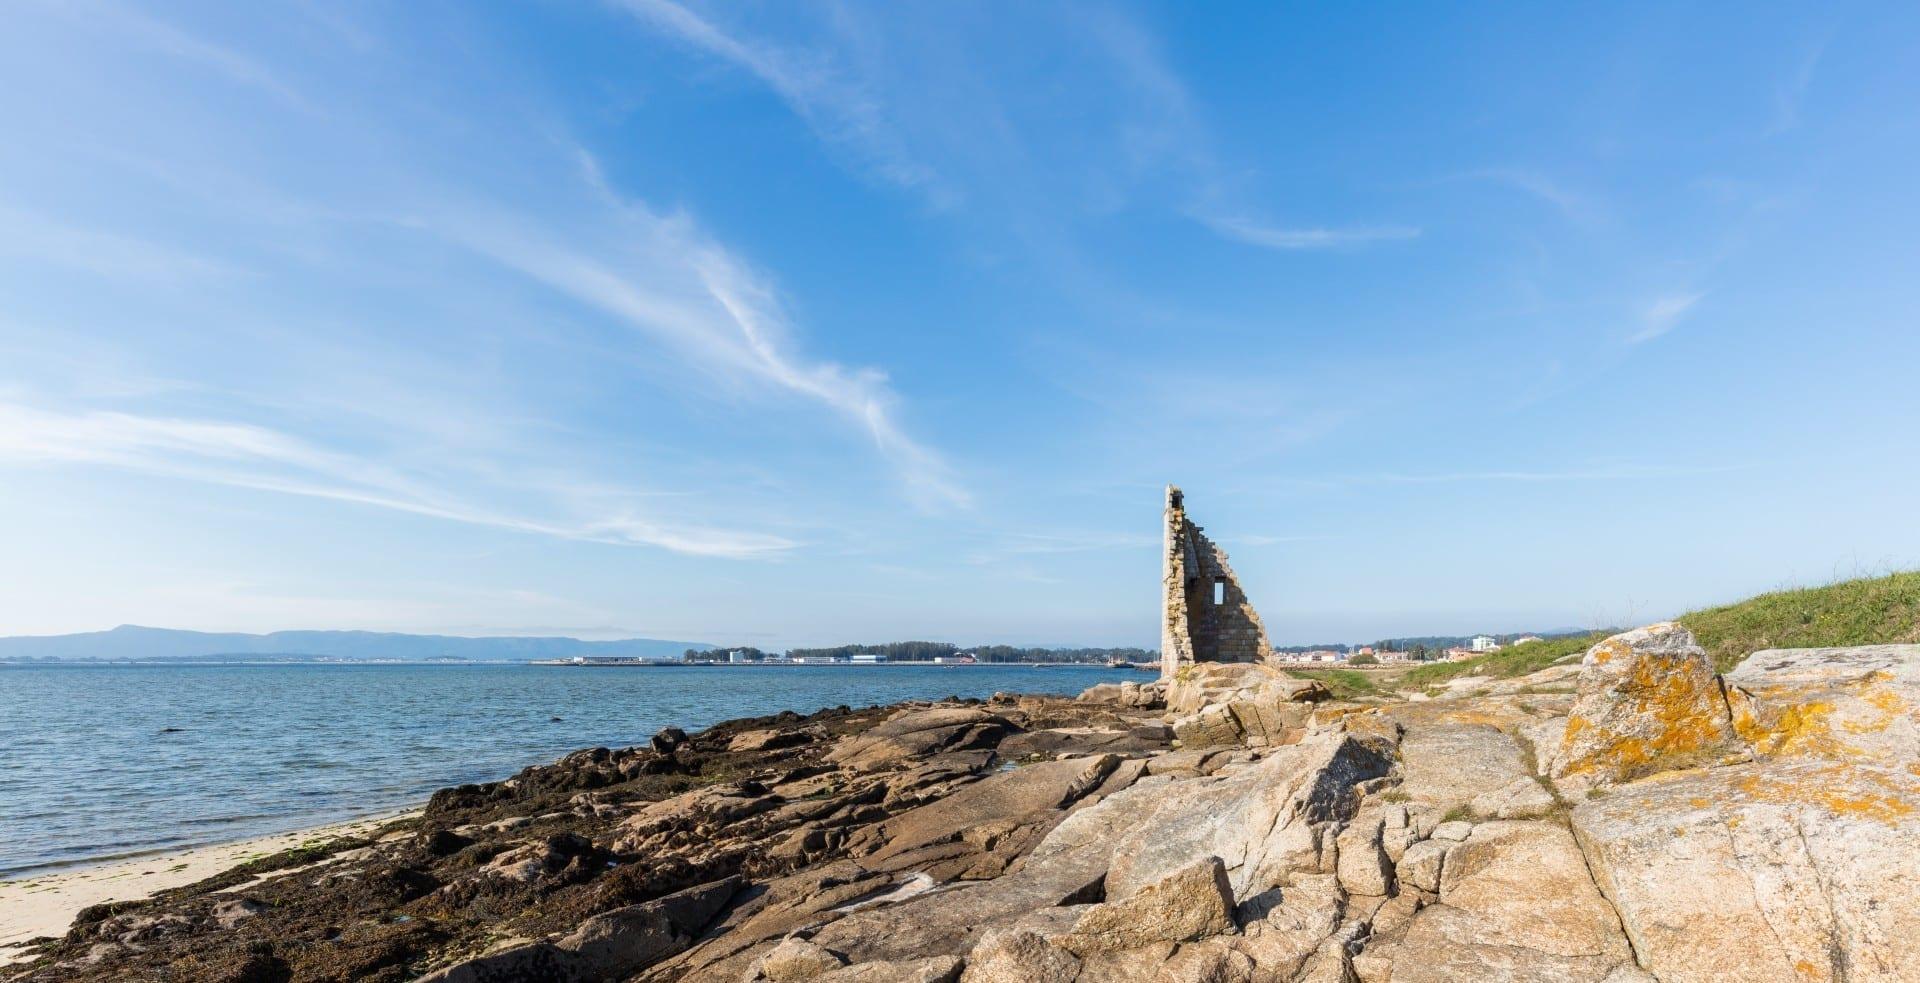 Torre de San Saturniño en Cambados, Pontevedra, a unos 25 km al norte y al oeste de la ciudad de Pontevedra Pontevedra España